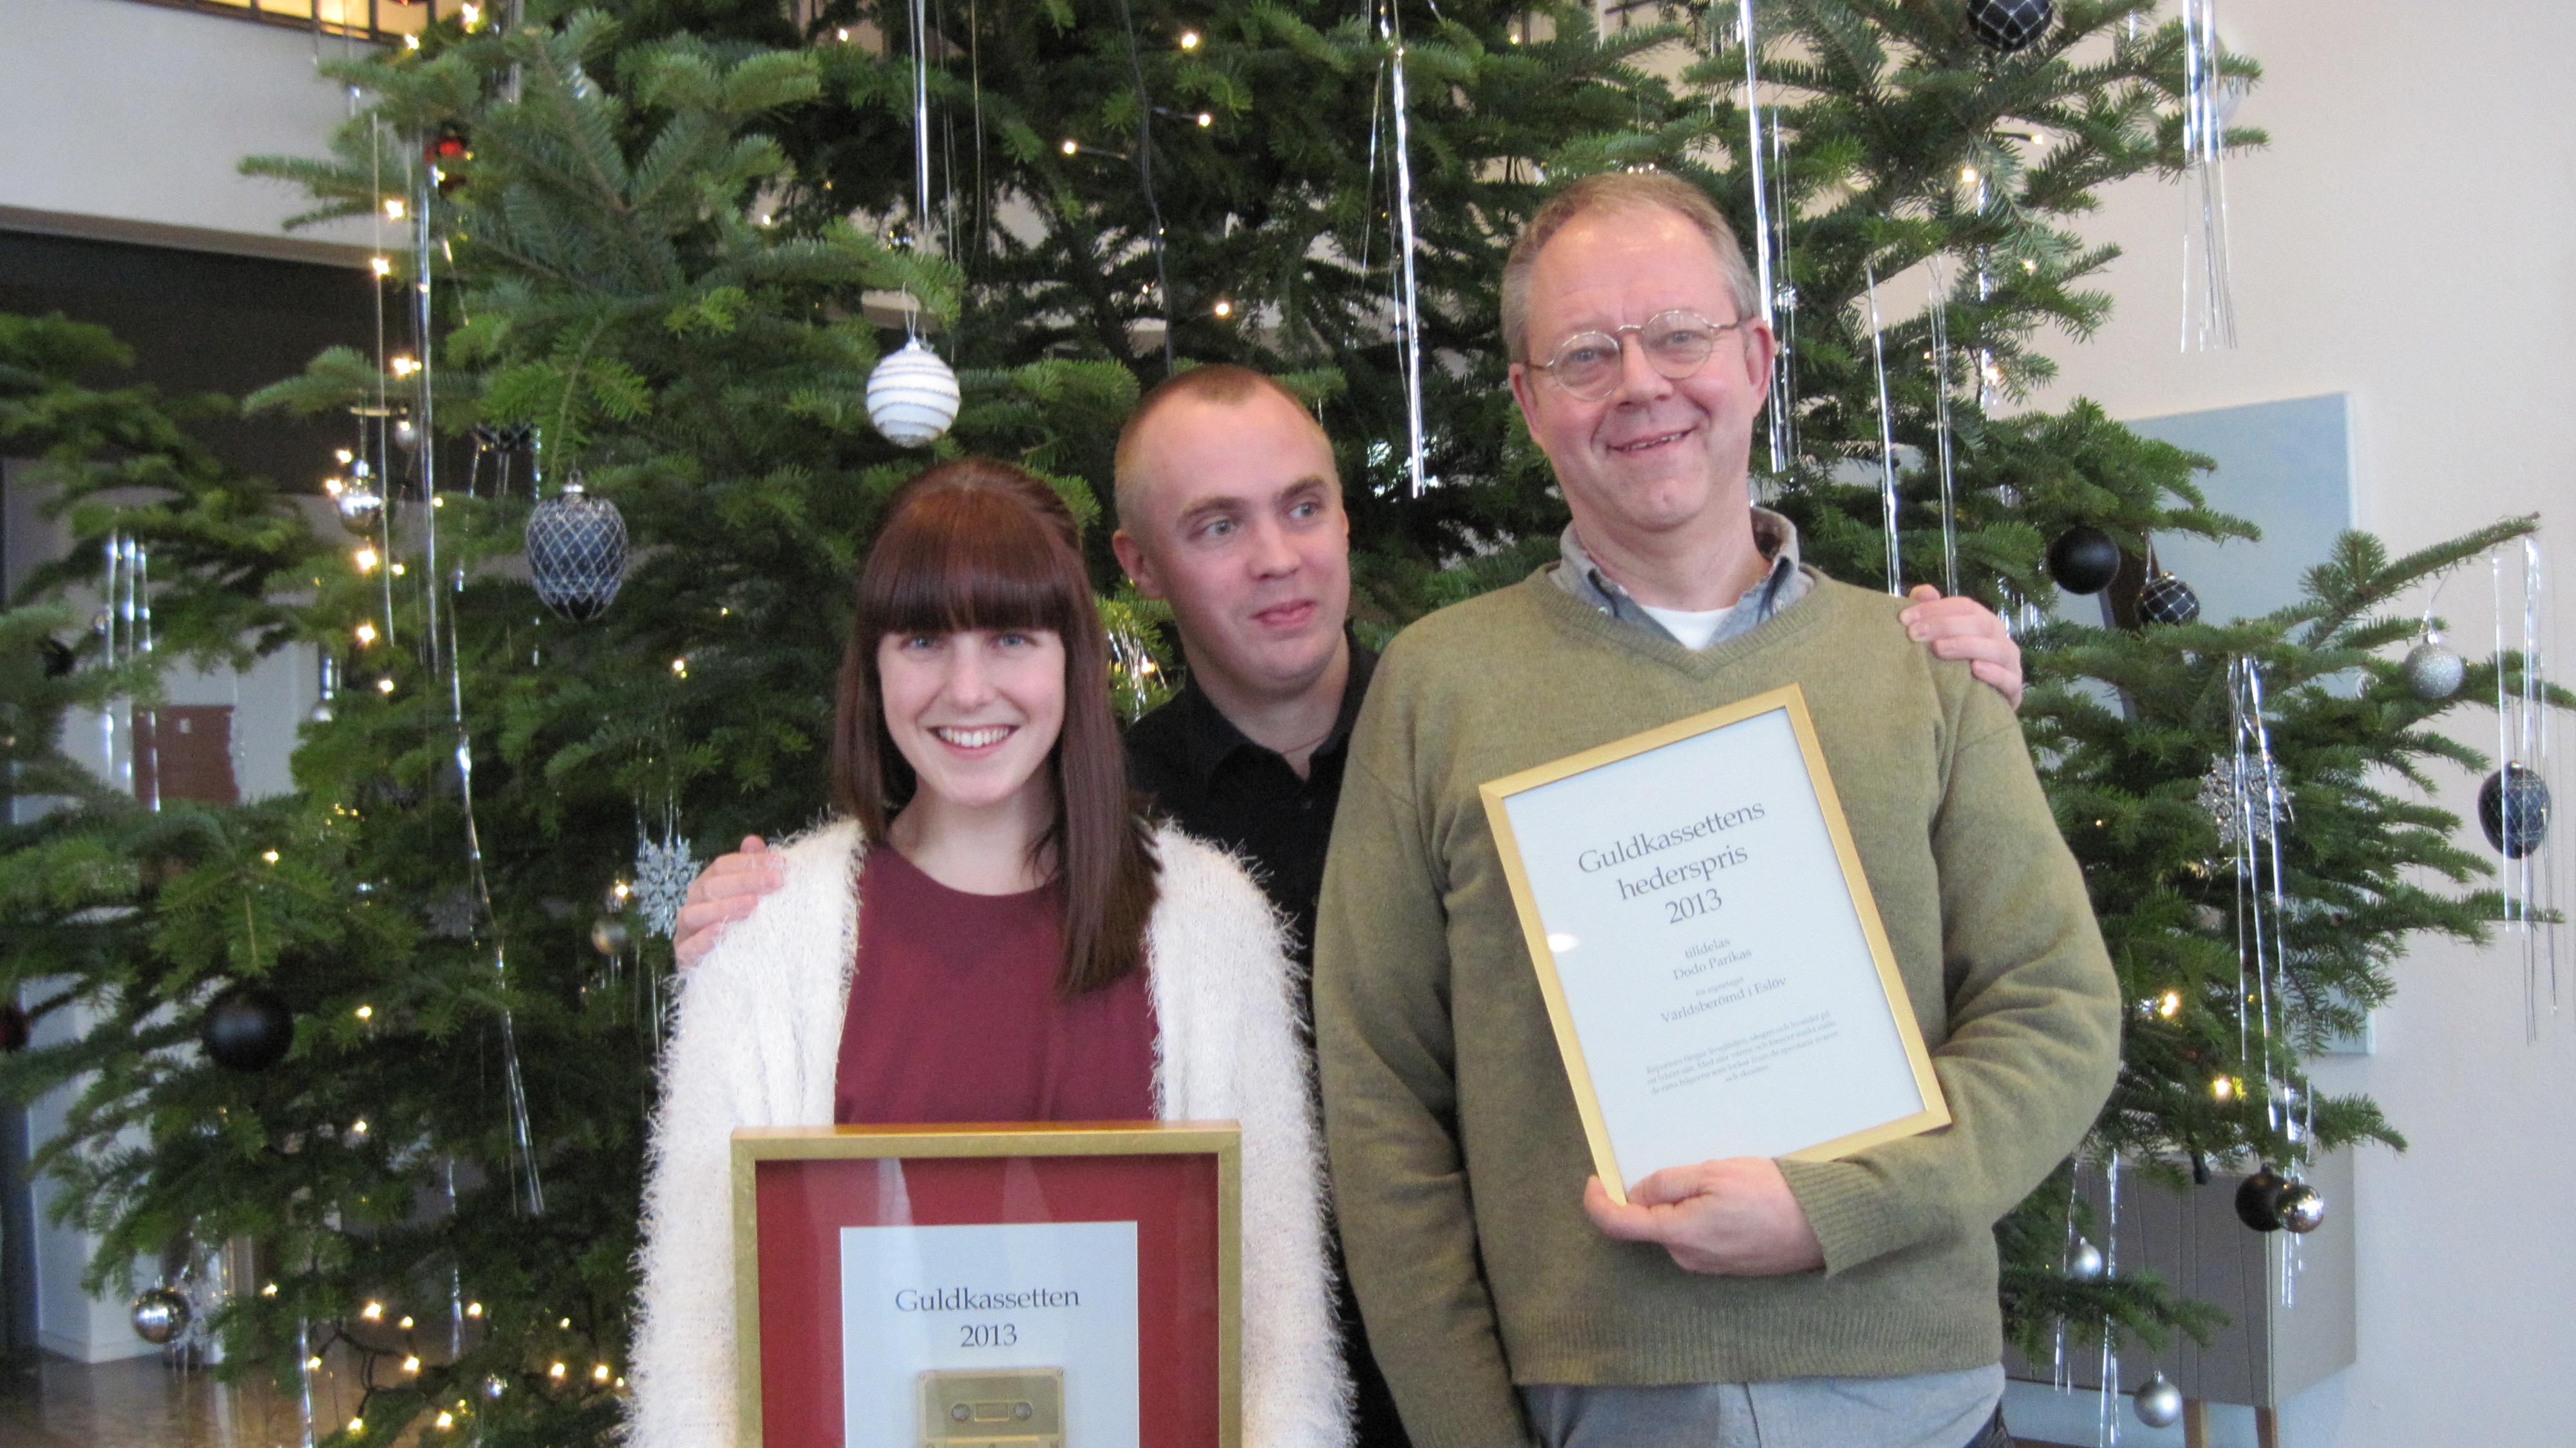 Guldkassettvinnaren 2013 Caroline Gollungberg, prisutdelare Måns Mosesson och hedersprisvinnaren Dodo Parikas.